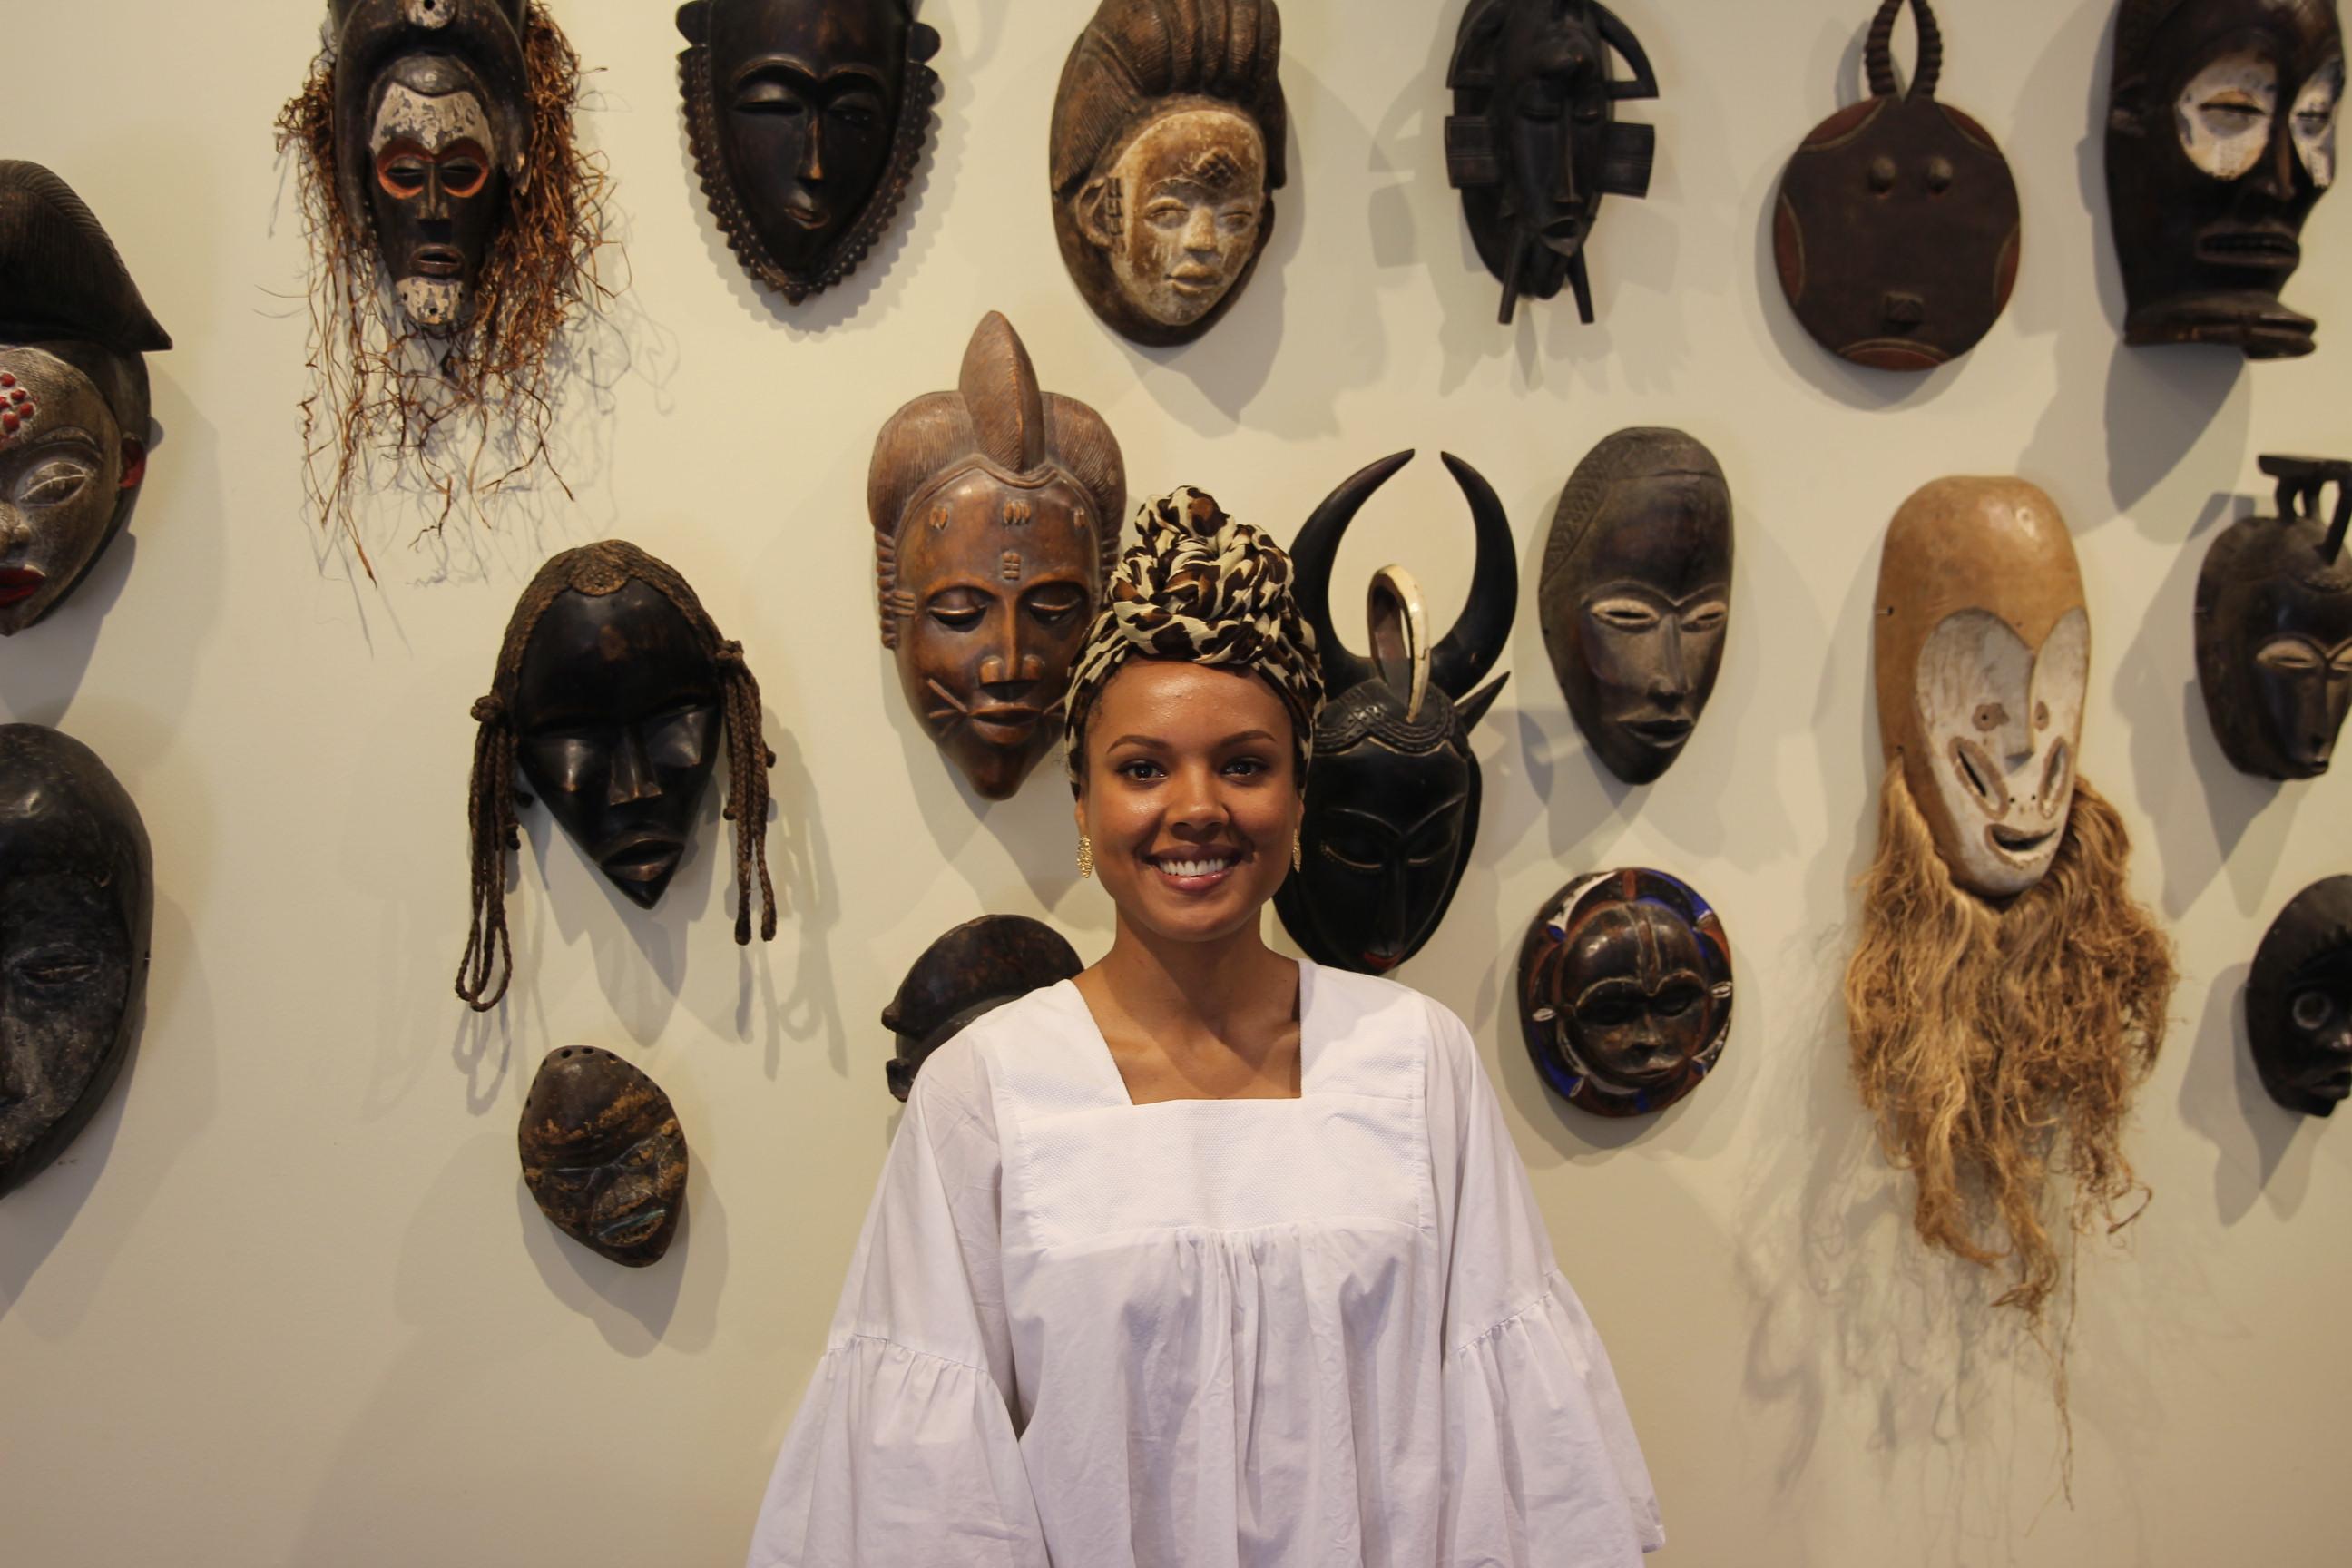 Carine mansan de passage maison de l 39 afrique montr al for Angelina maison de l afrique